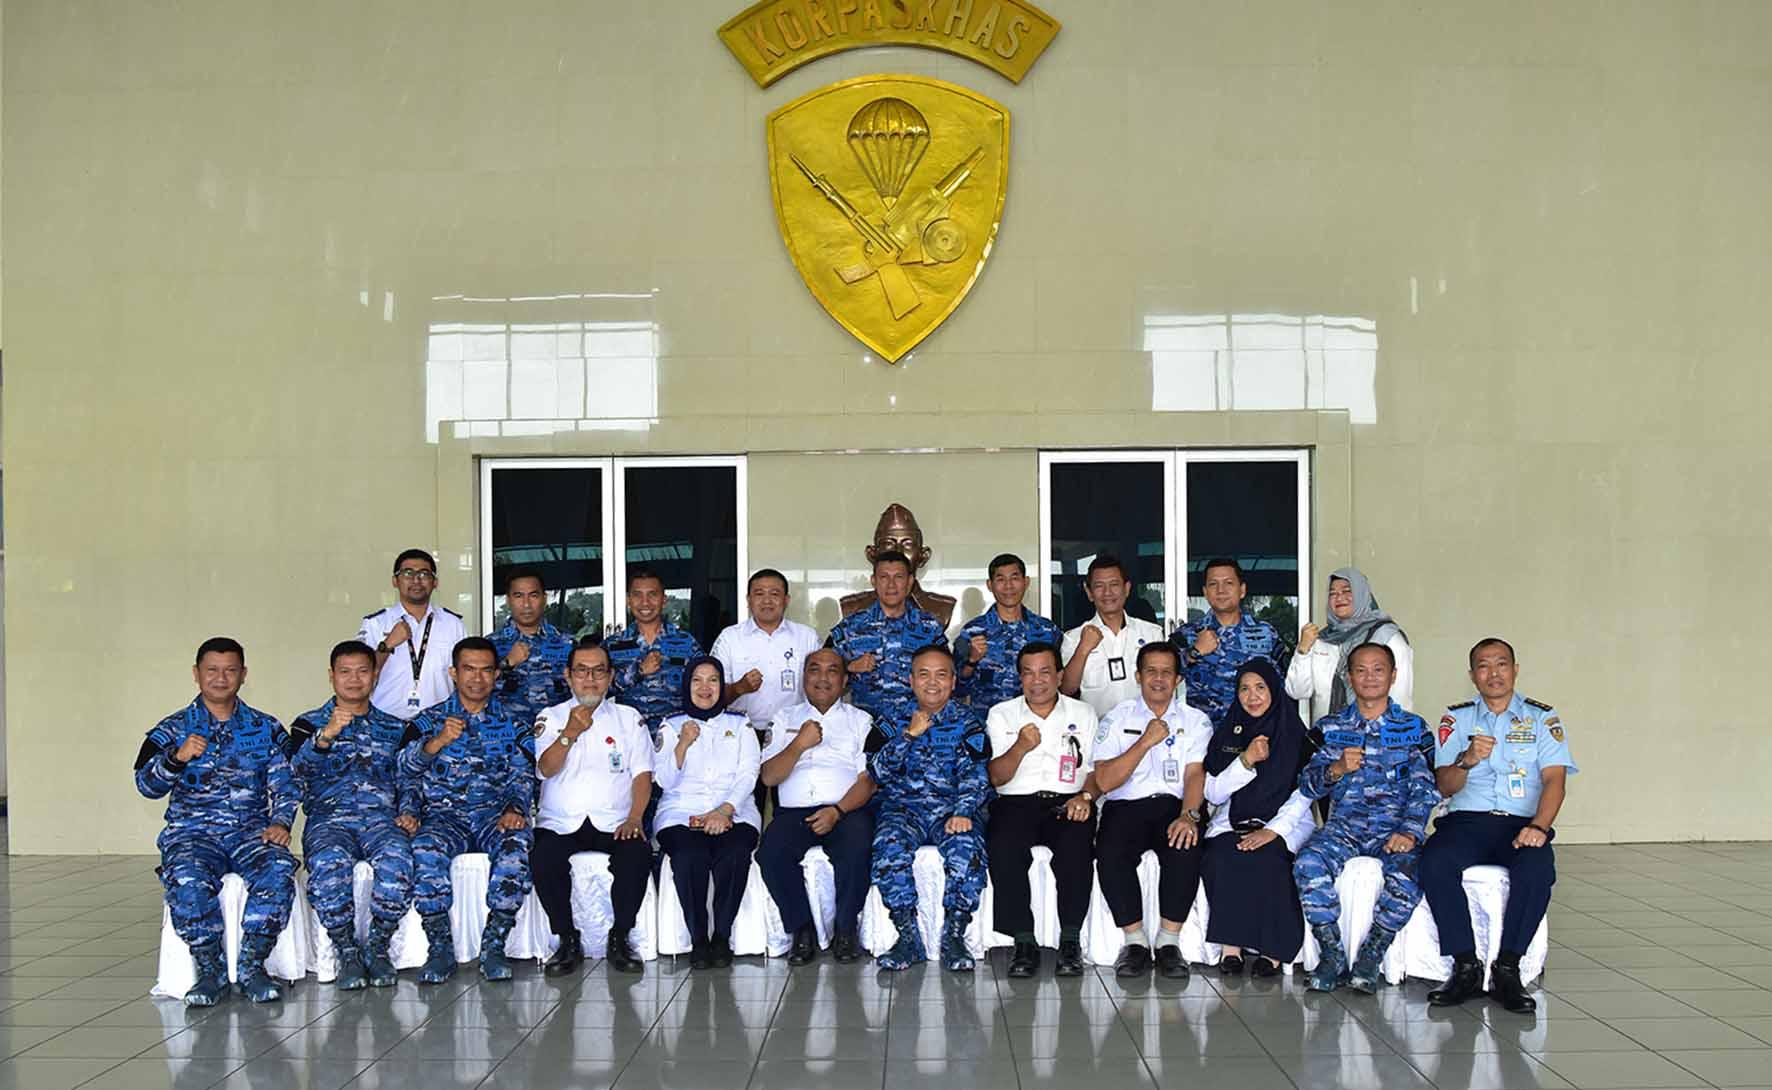 DSC_6526